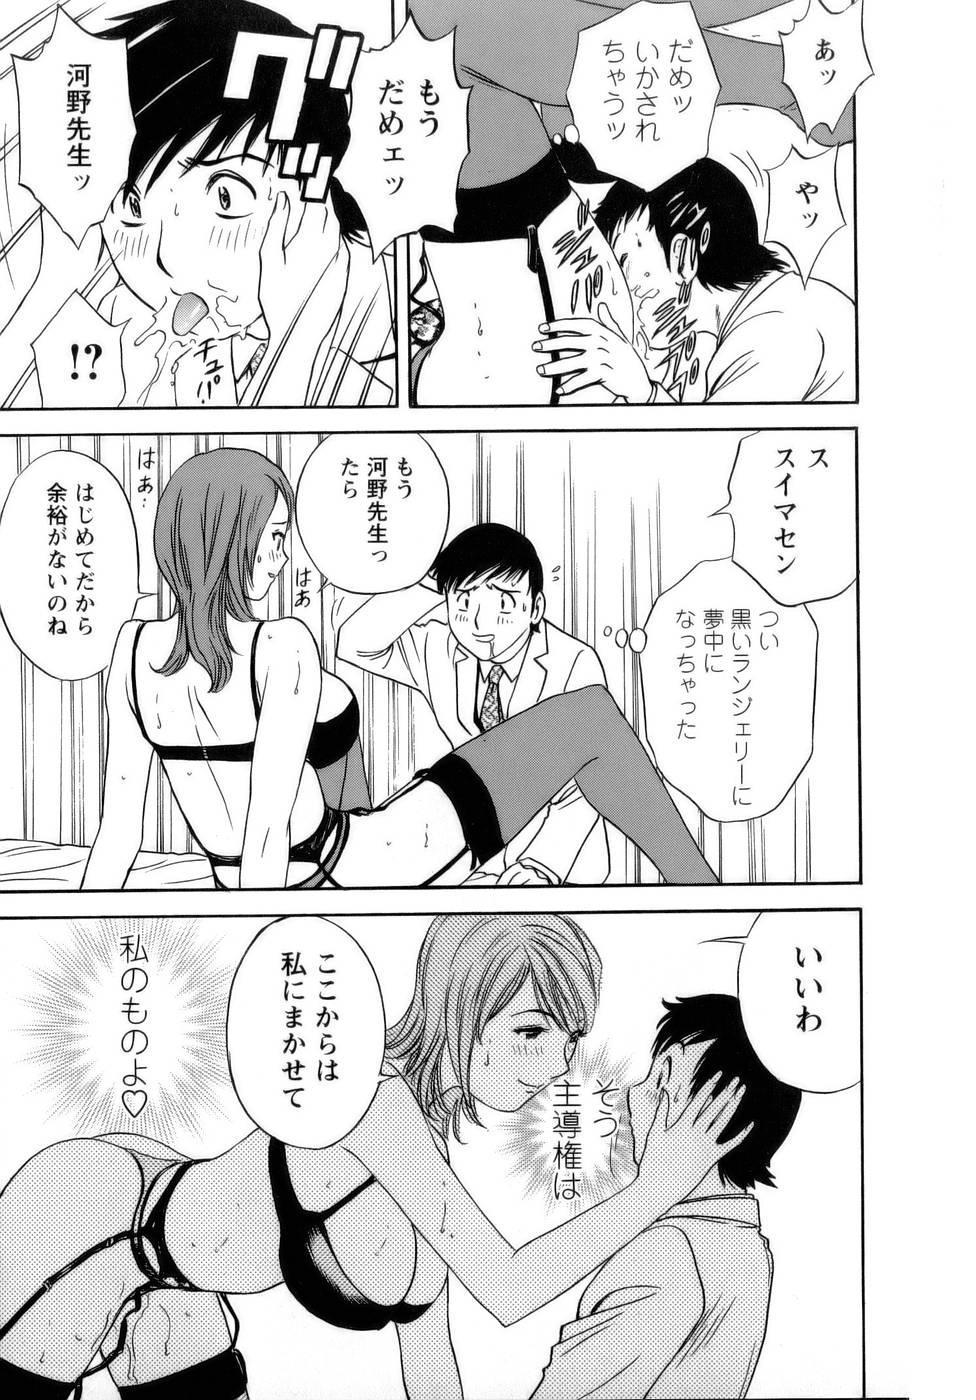 [Hidemaru] Mo-Retsu! Boin Sensei (Boing Boing Teacher) Vol.1 66